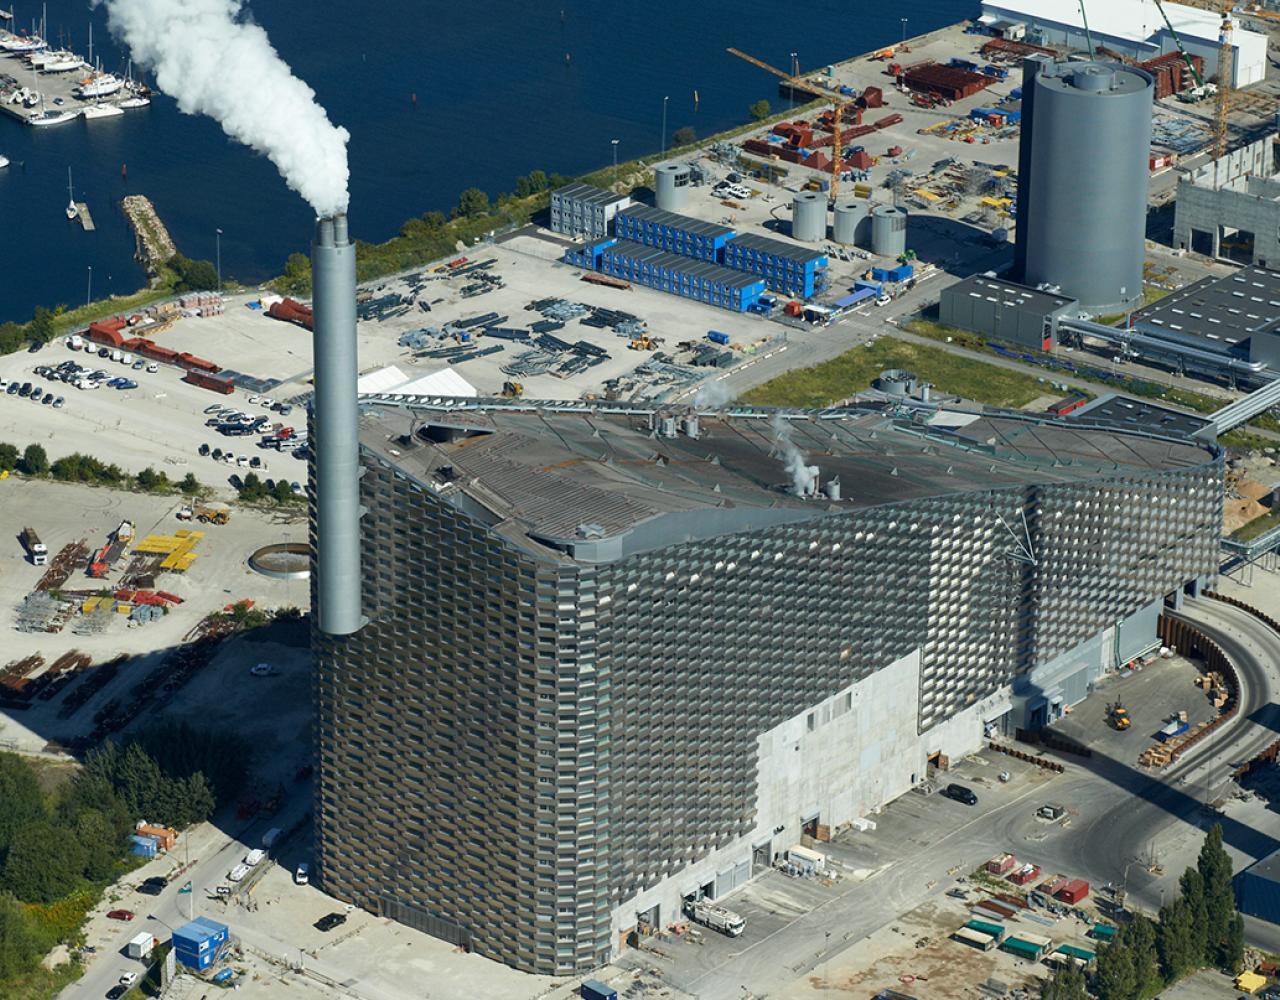 Copenhill Amager Bakke Bjarke Ingels BIG